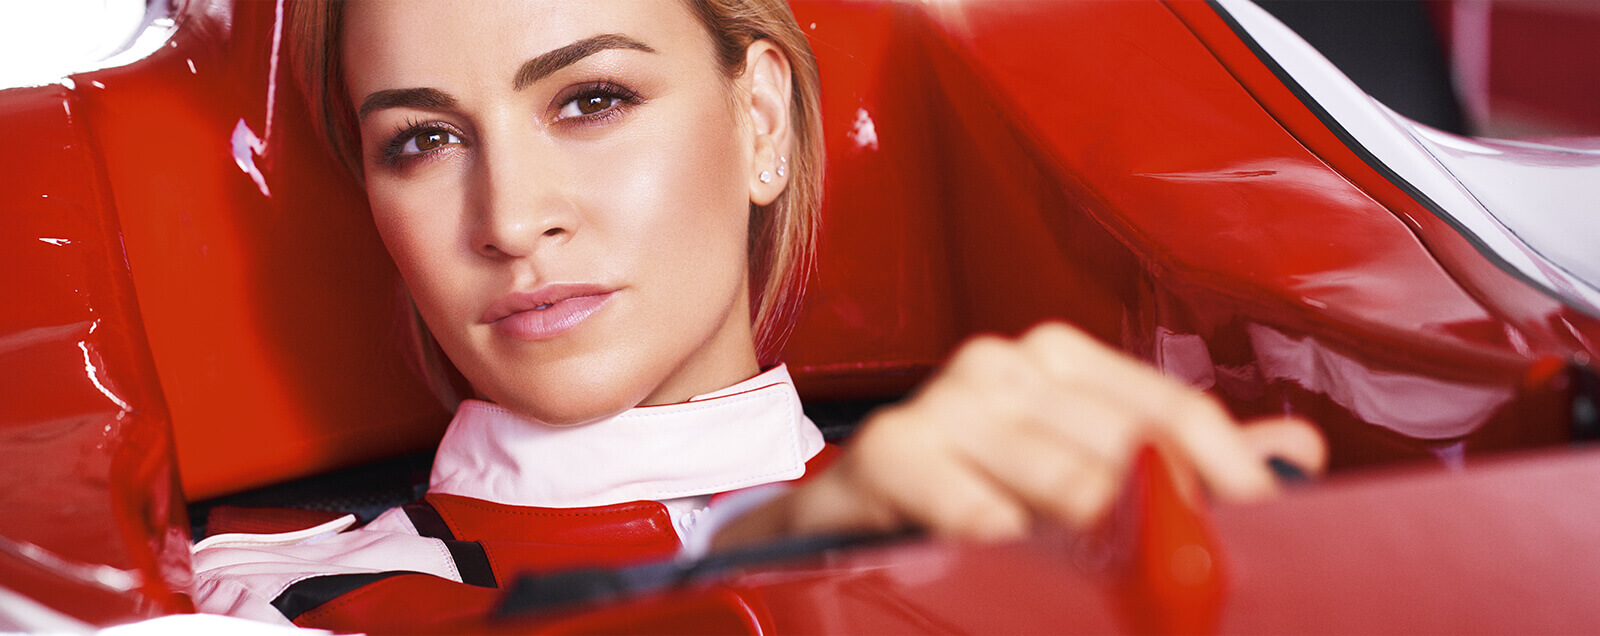 Model Autorennfahrerin